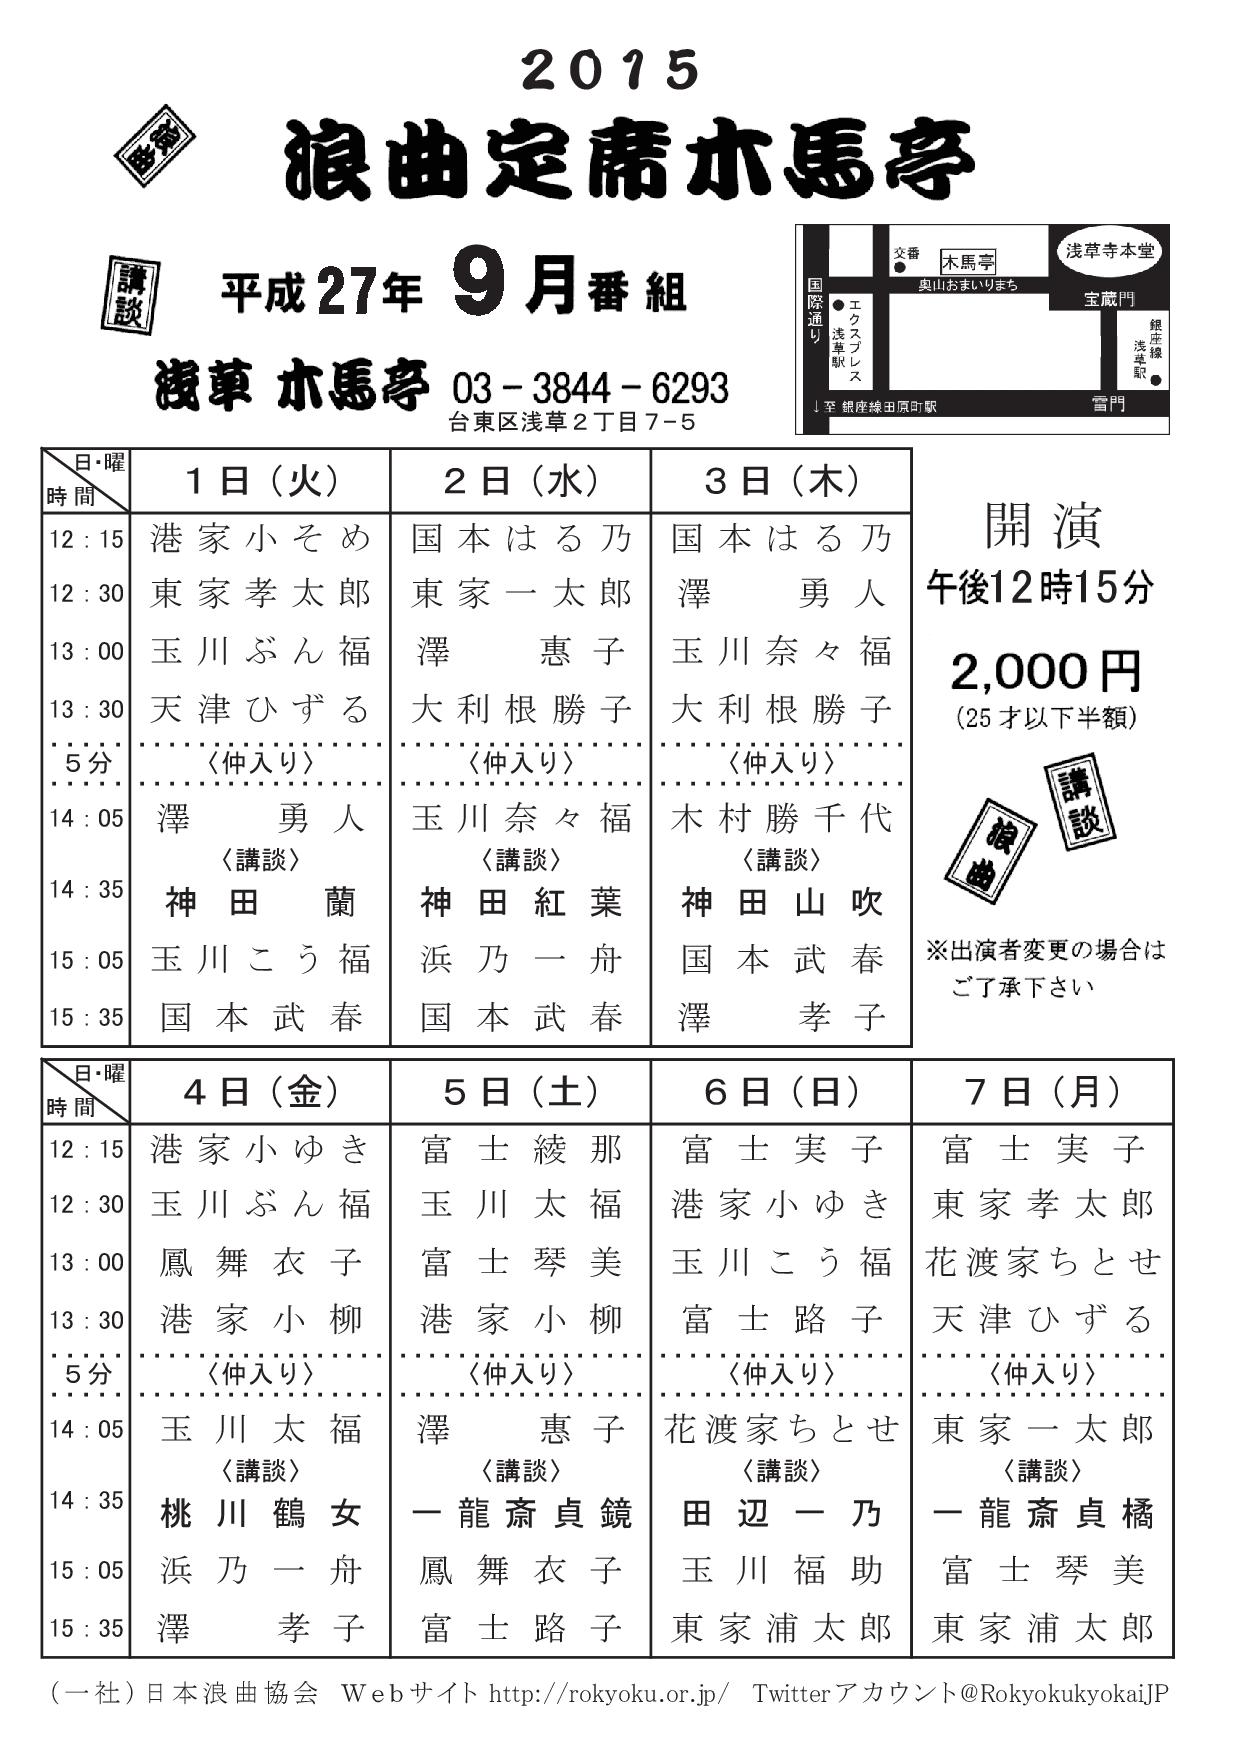 東家孝太郎のブログ